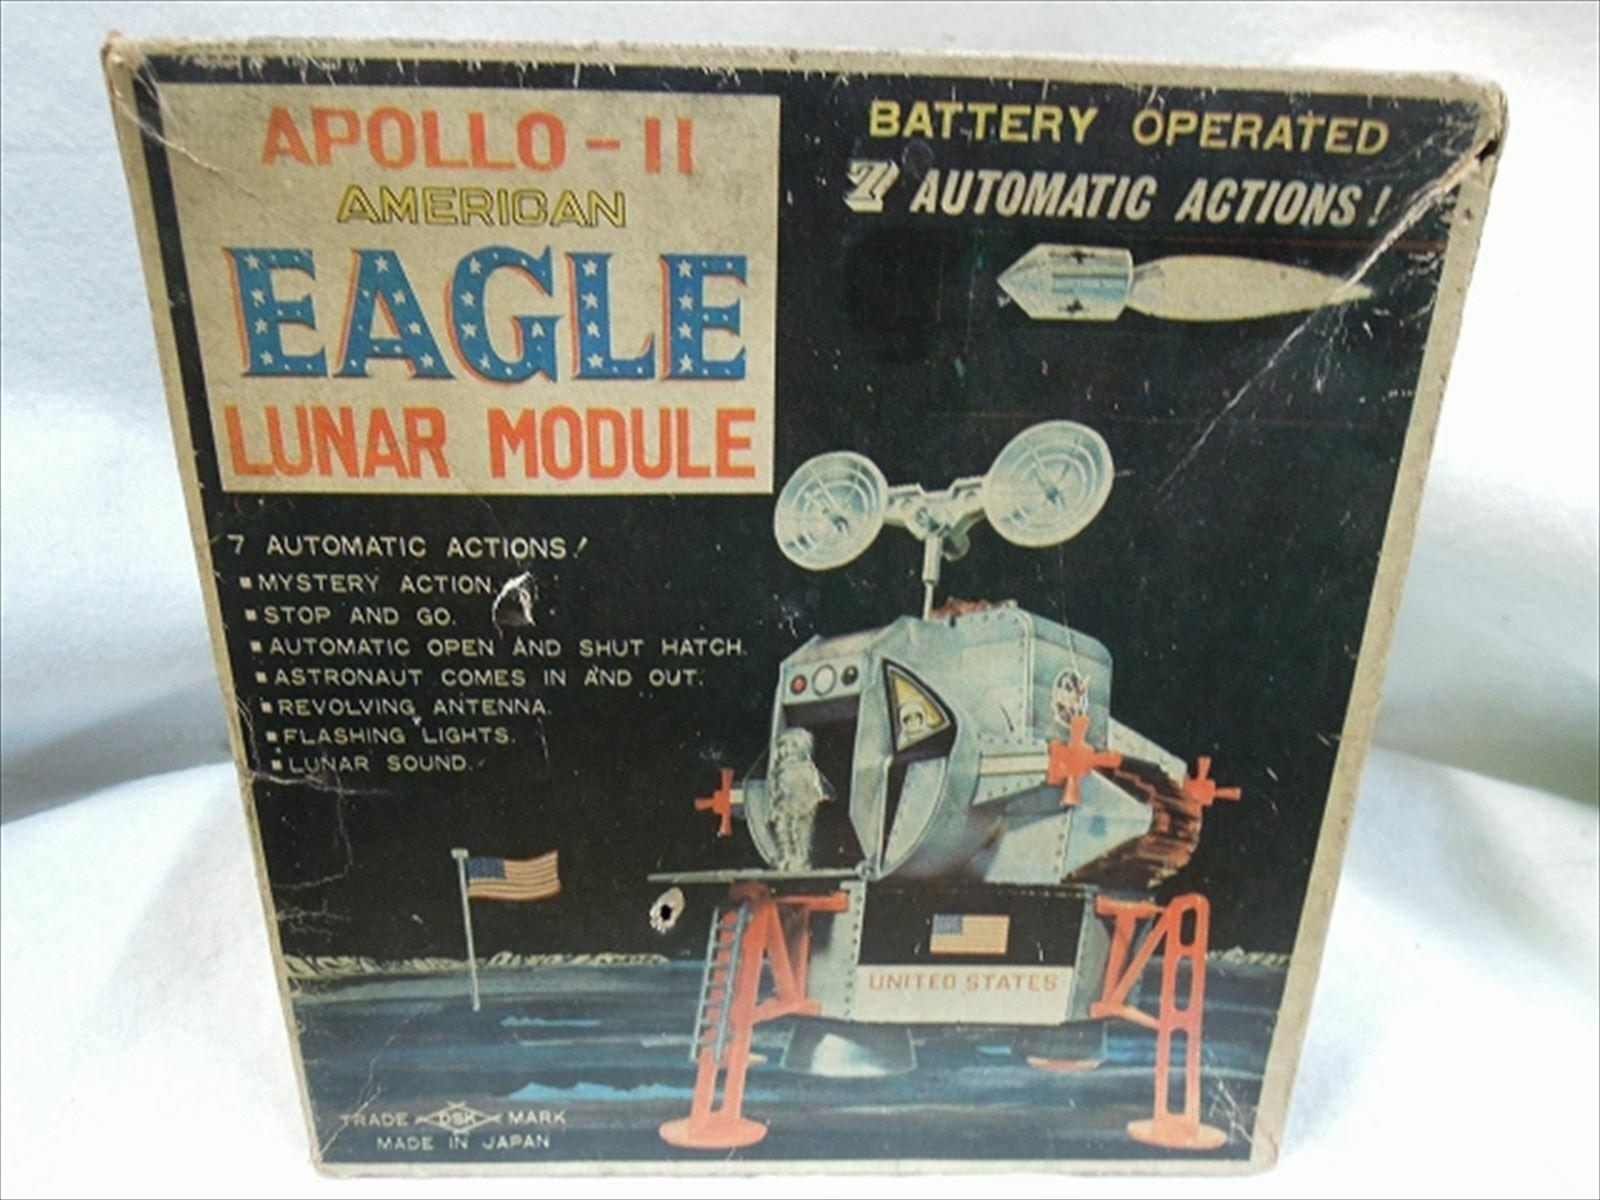 Apollo Adler Lunar Modul Yonezawa mit Schachtel Mond Lander Vintage Dose Toys